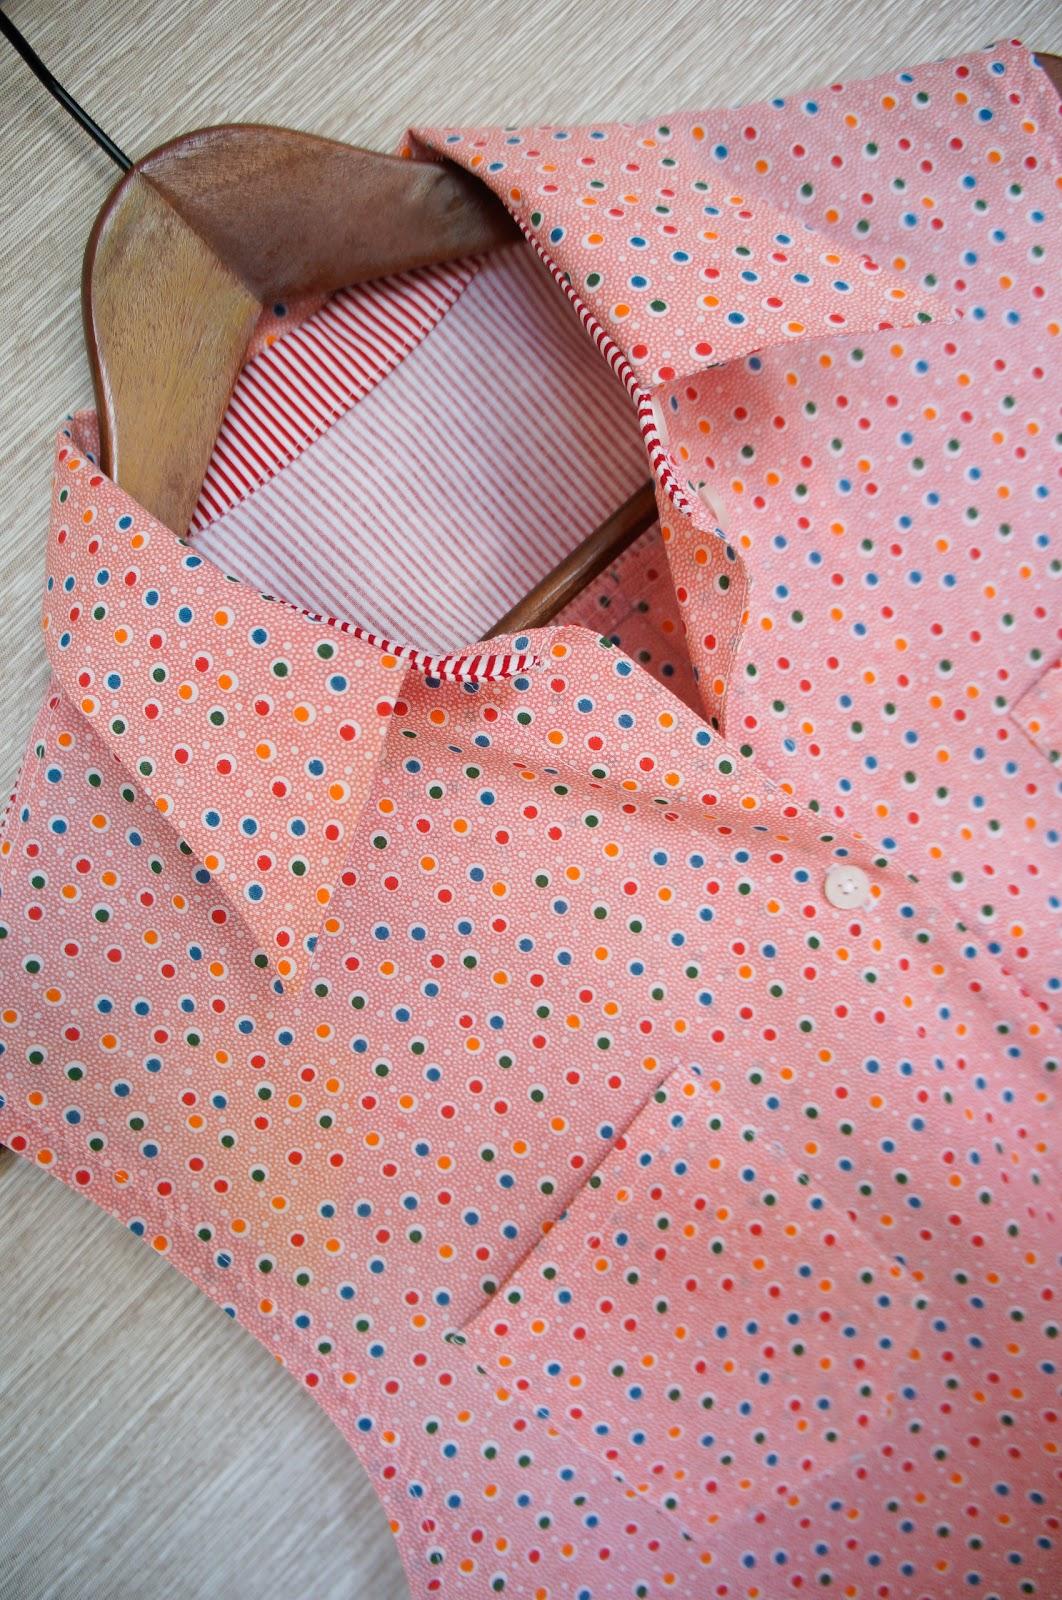 Джинсовая одежда Levis Wrangler Lee из США. Джинсы куртки 58